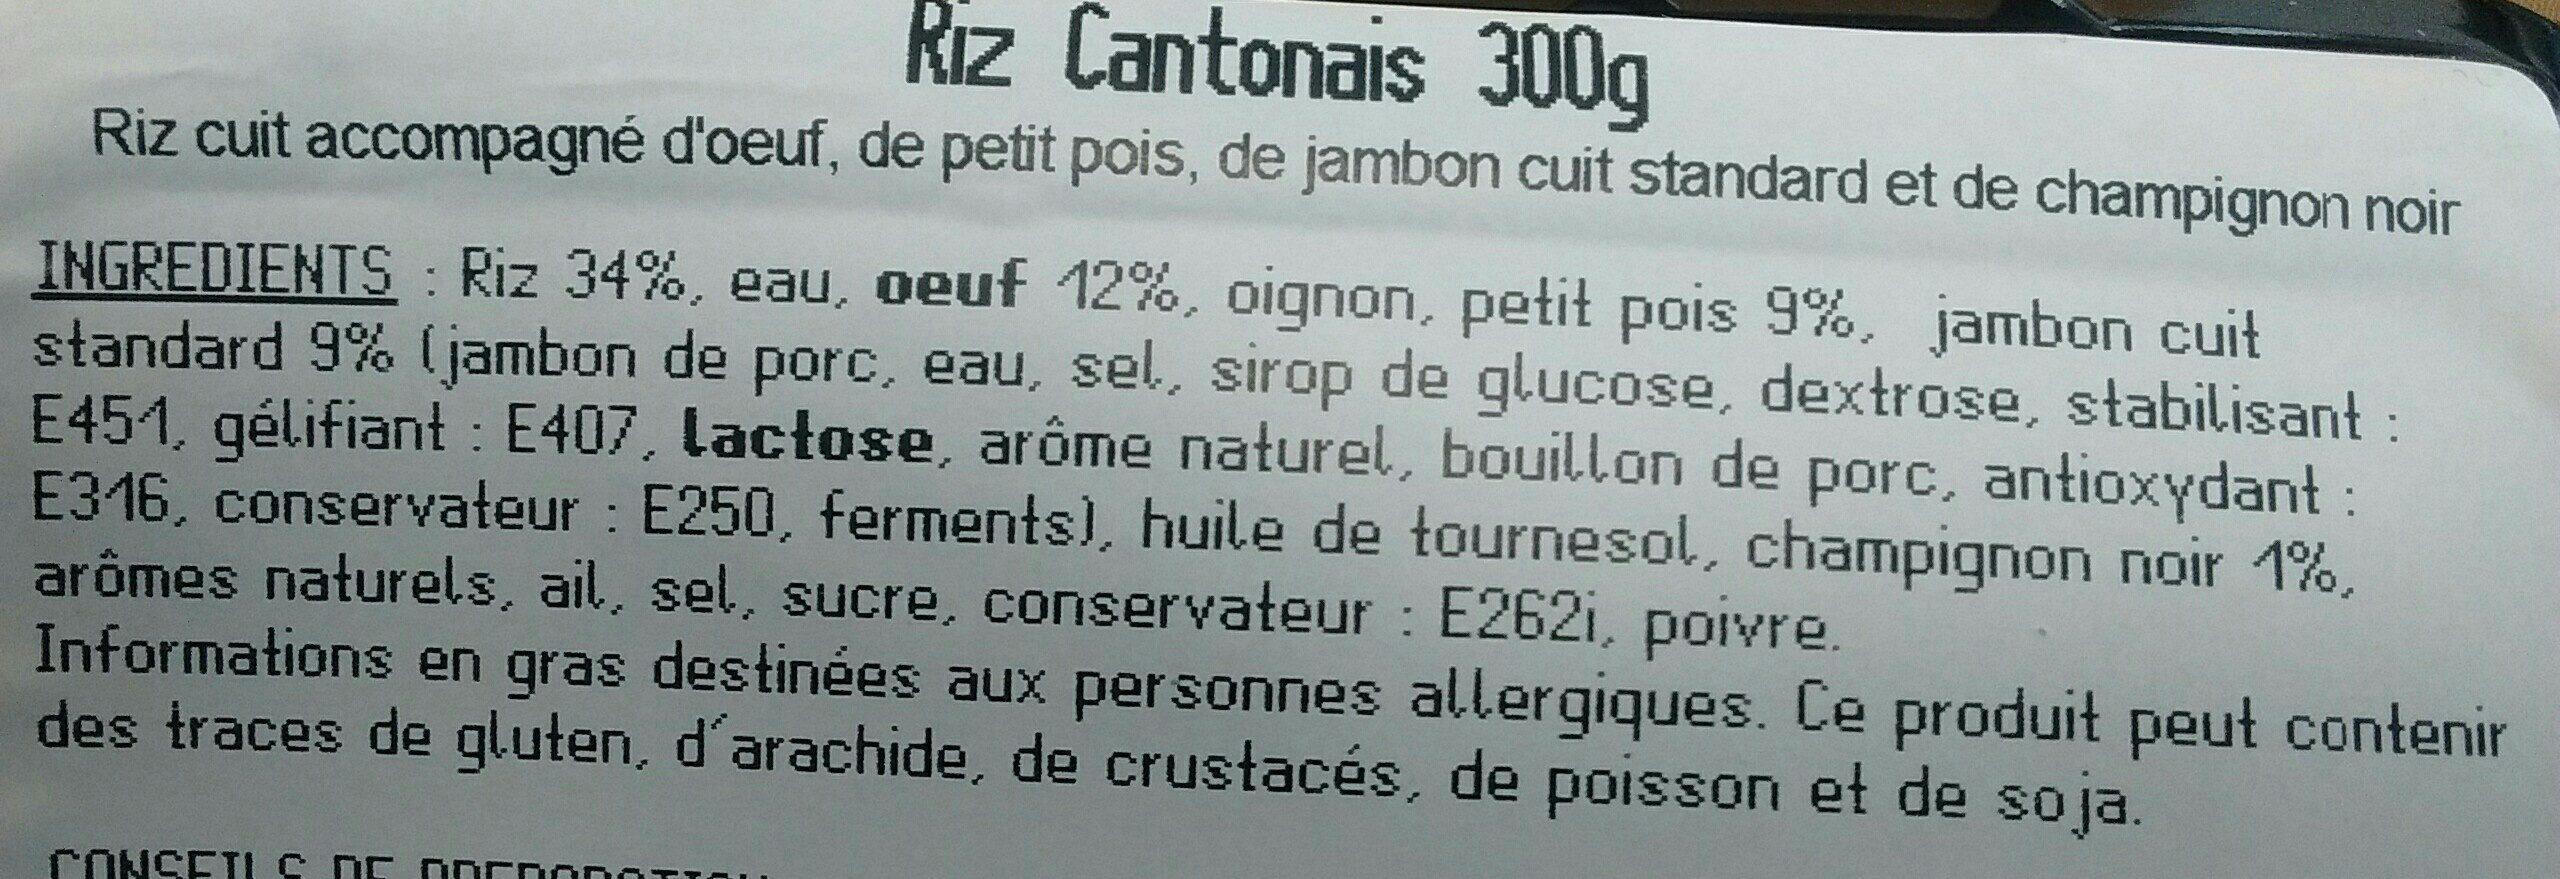 Riz cantonais - Ingrédients